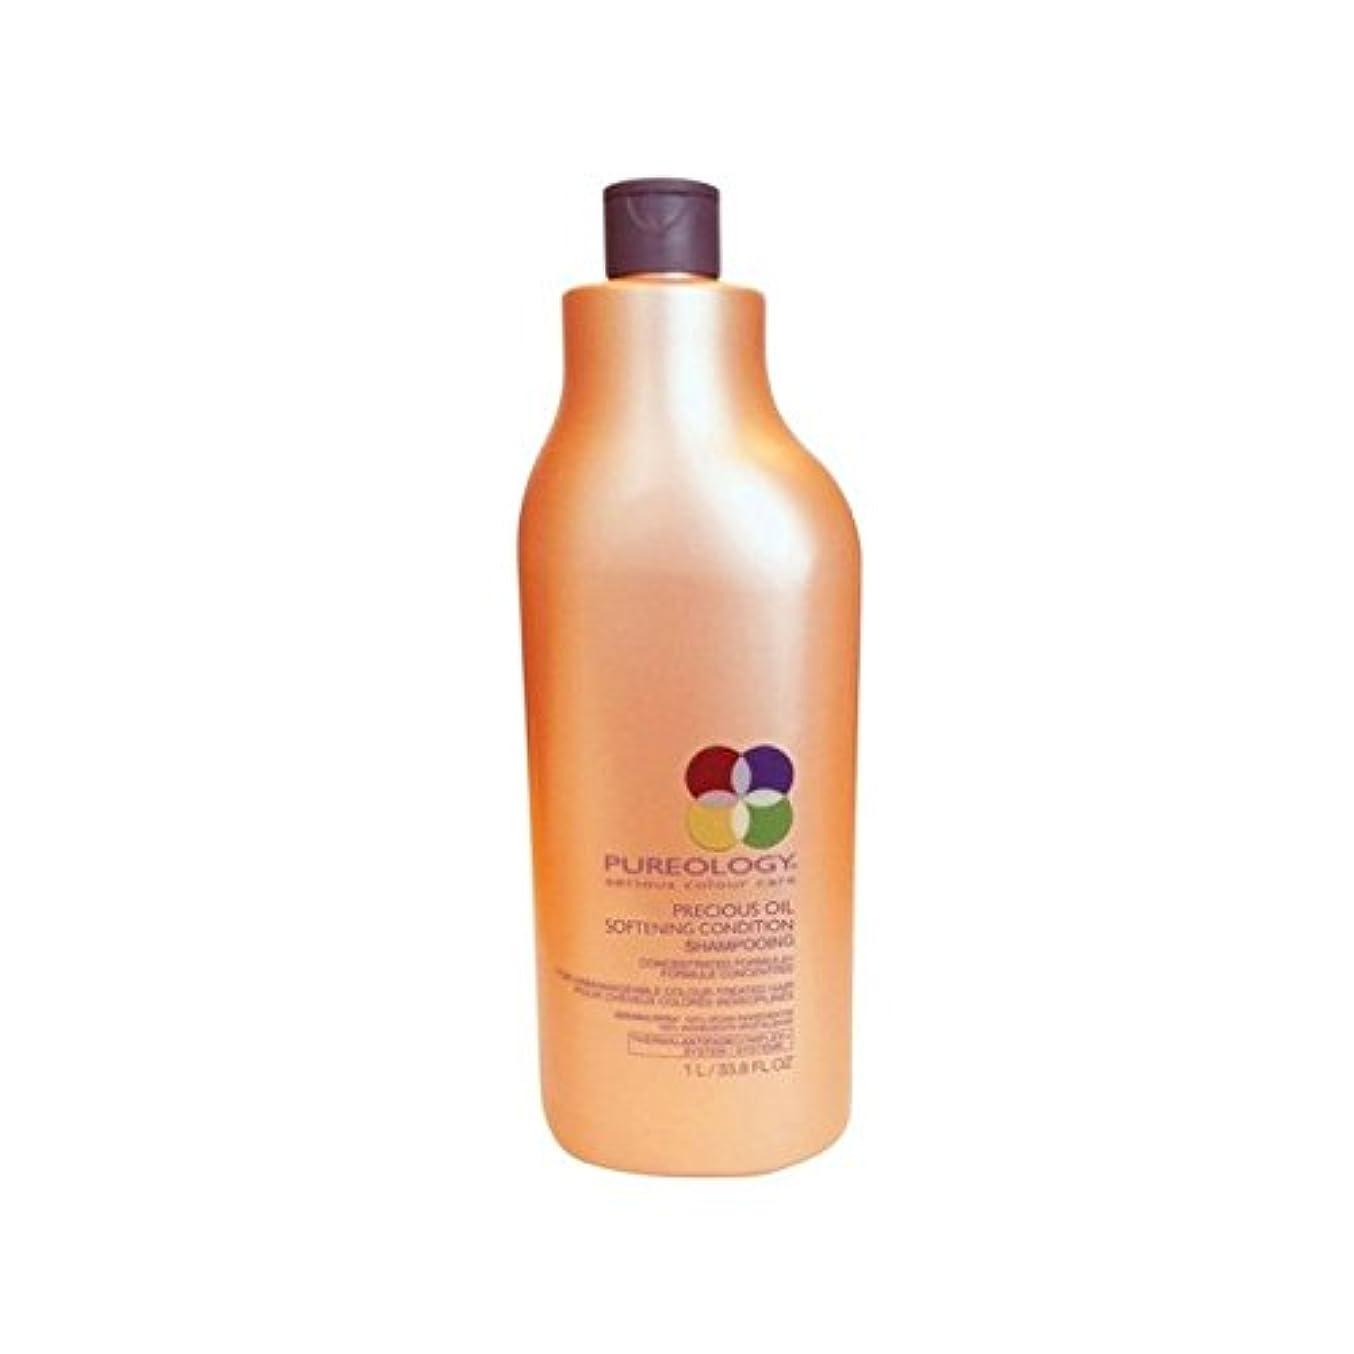 サスペンションレッドデート約貴重なオイルコンディショナー(千ミリリットル) x4 - Pureology Precious Oil Conditioner (1000ml) (Pack of 4) [並行輸入品]